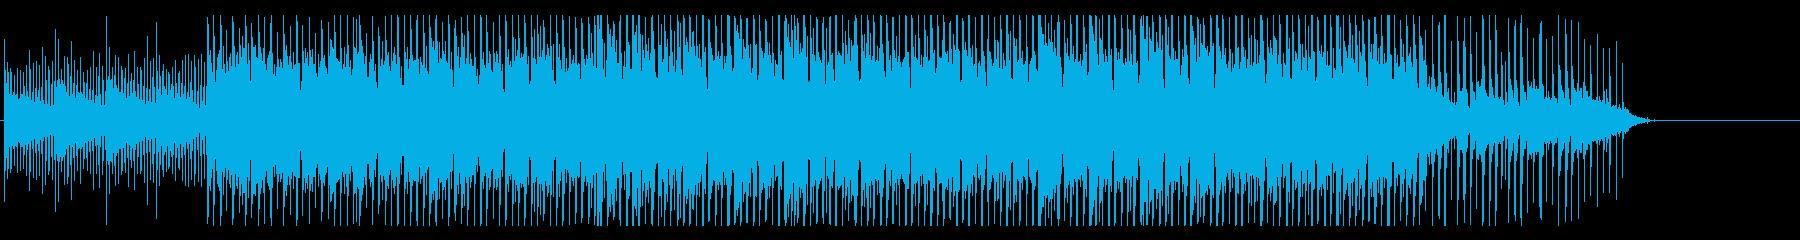 未来 科学 機械 工業 淡々 スピードの再生済みの波形